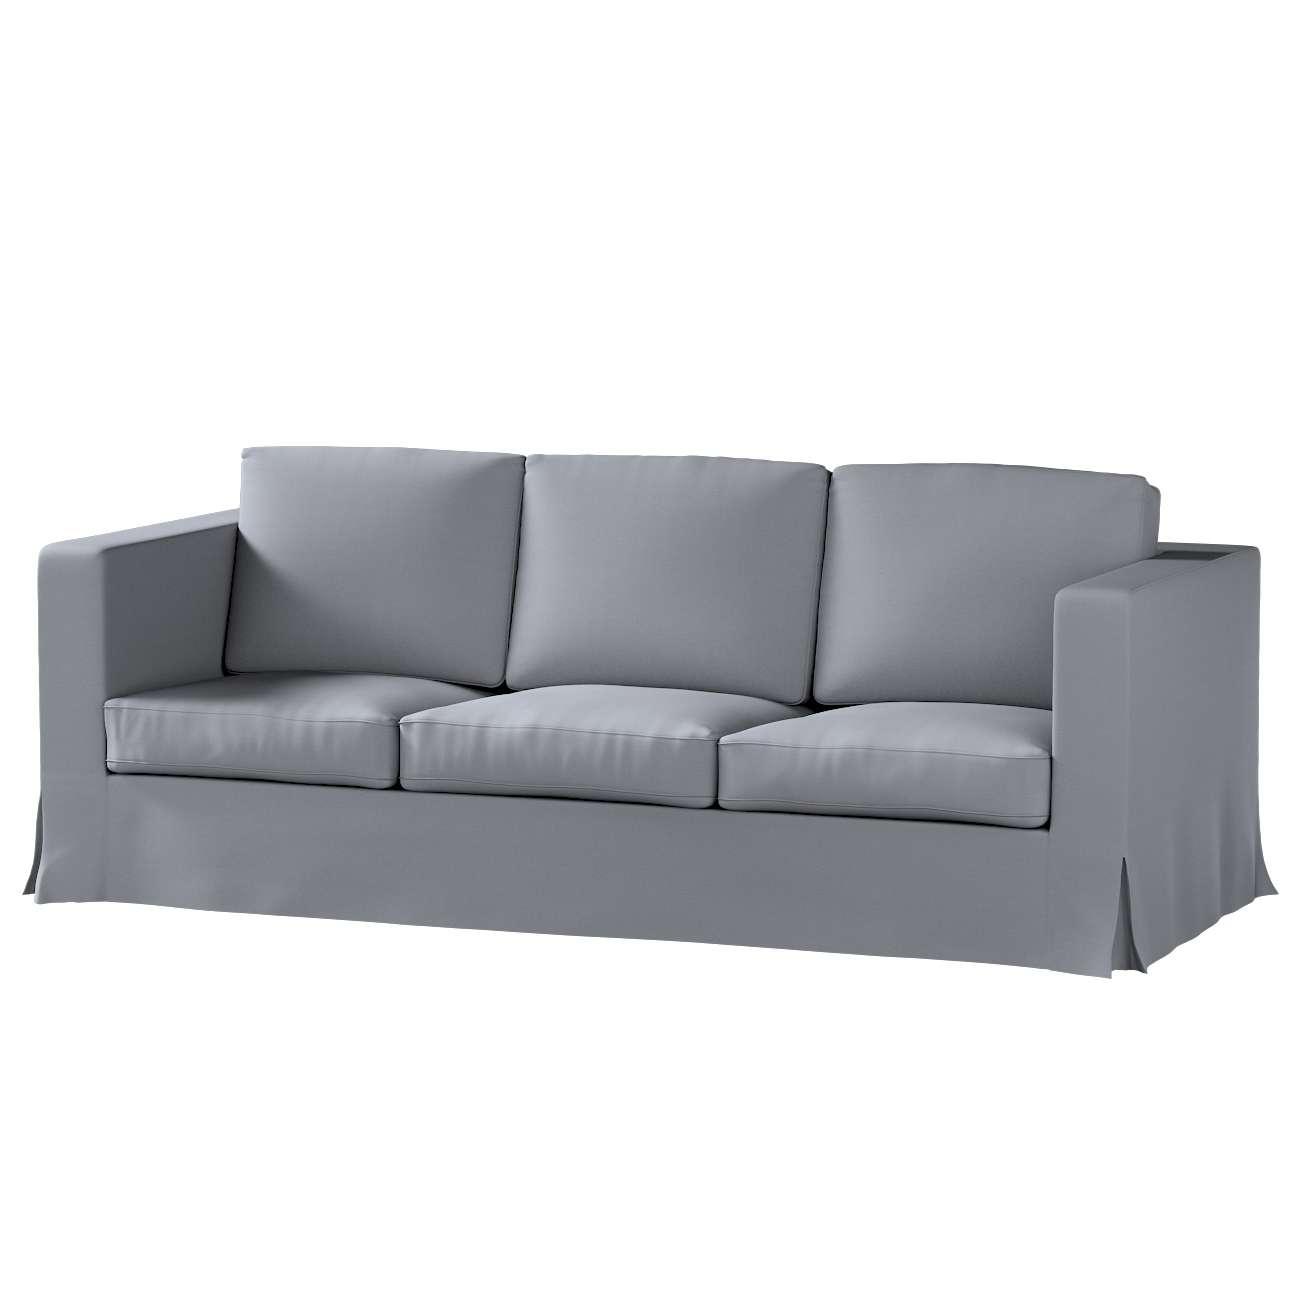 Bezug für Karlanda 3-Sitzer Sofa nicht ausklappbar, lang von der Kollektion Cotton Panama, Stoff: 702-07